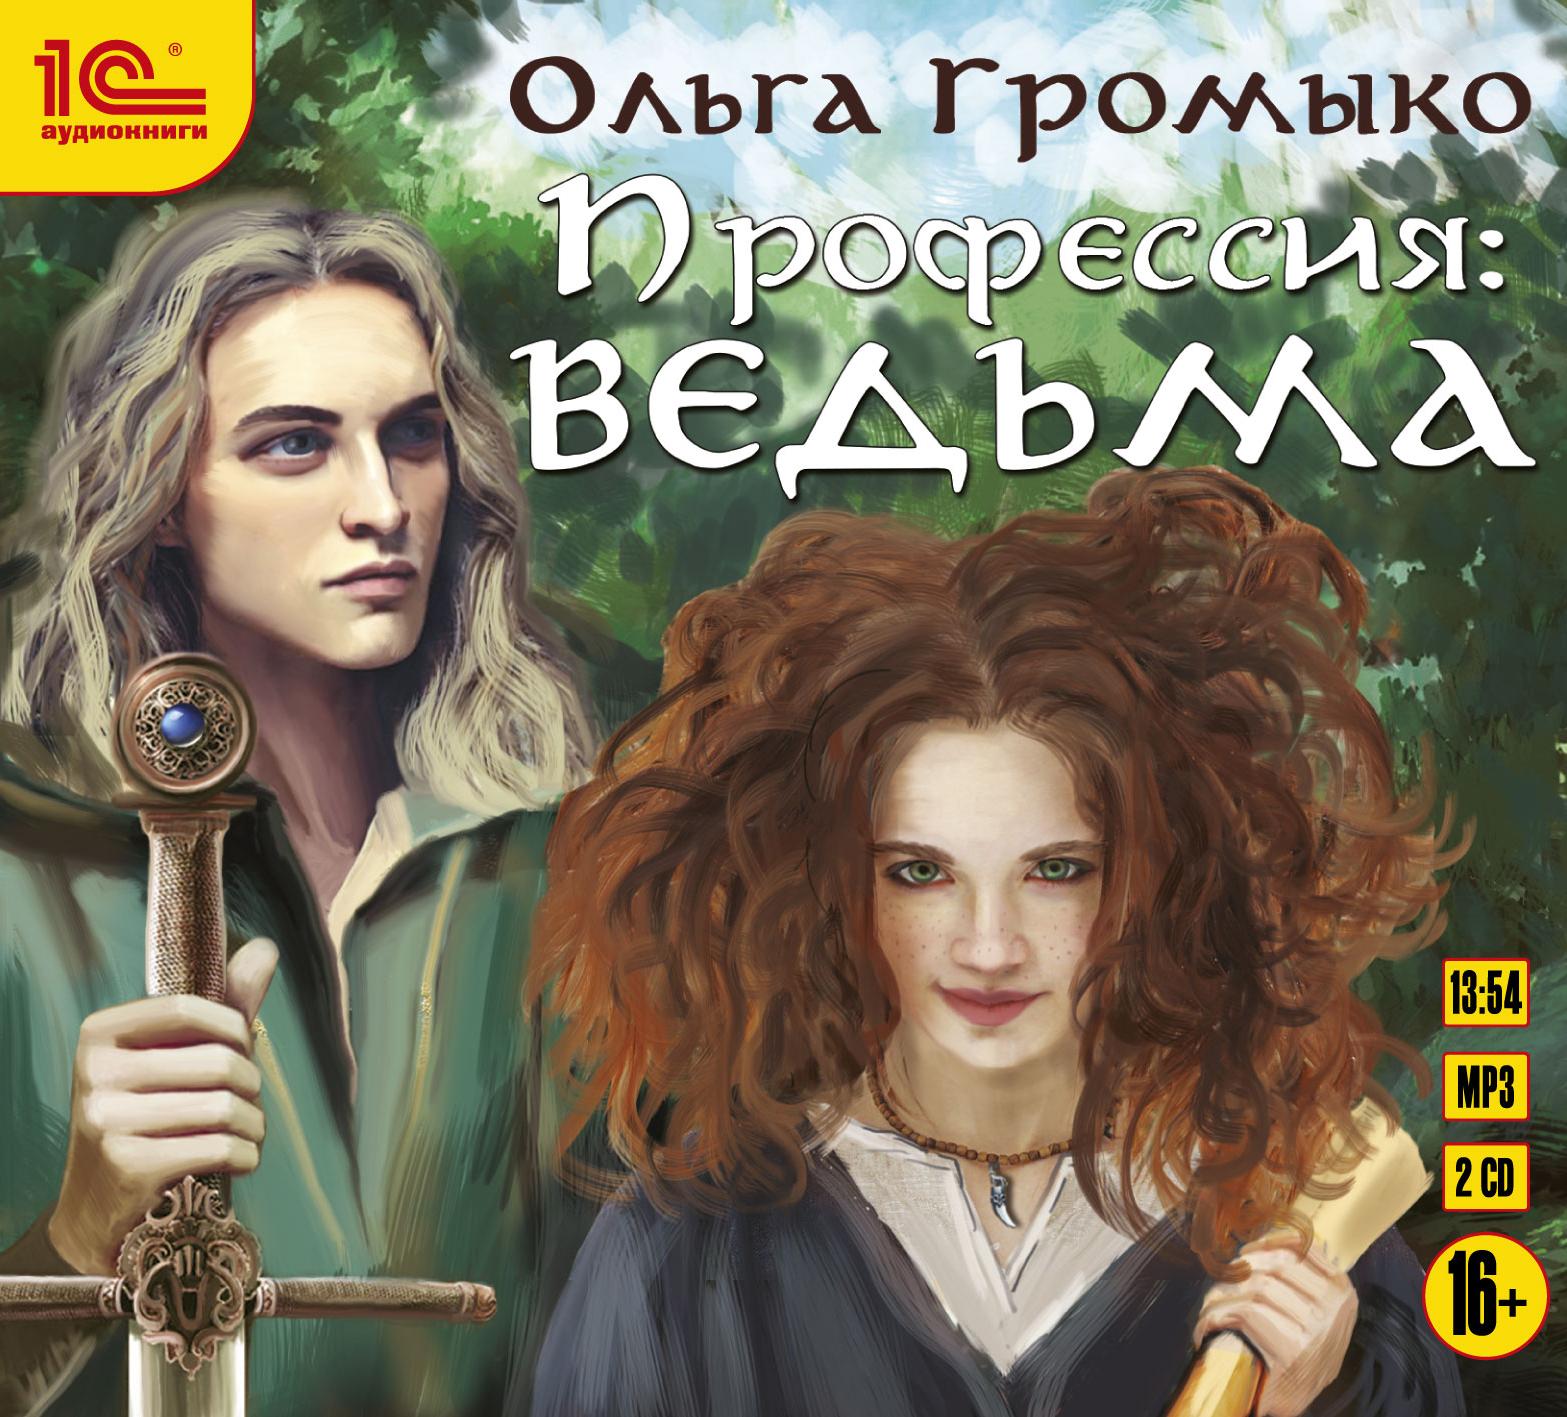 Профессия: ведьмаПредставляем вашему вниманию аудиокнигу Профессия: ведьма, аудиоверсию книги Ольги Громыко.<br>